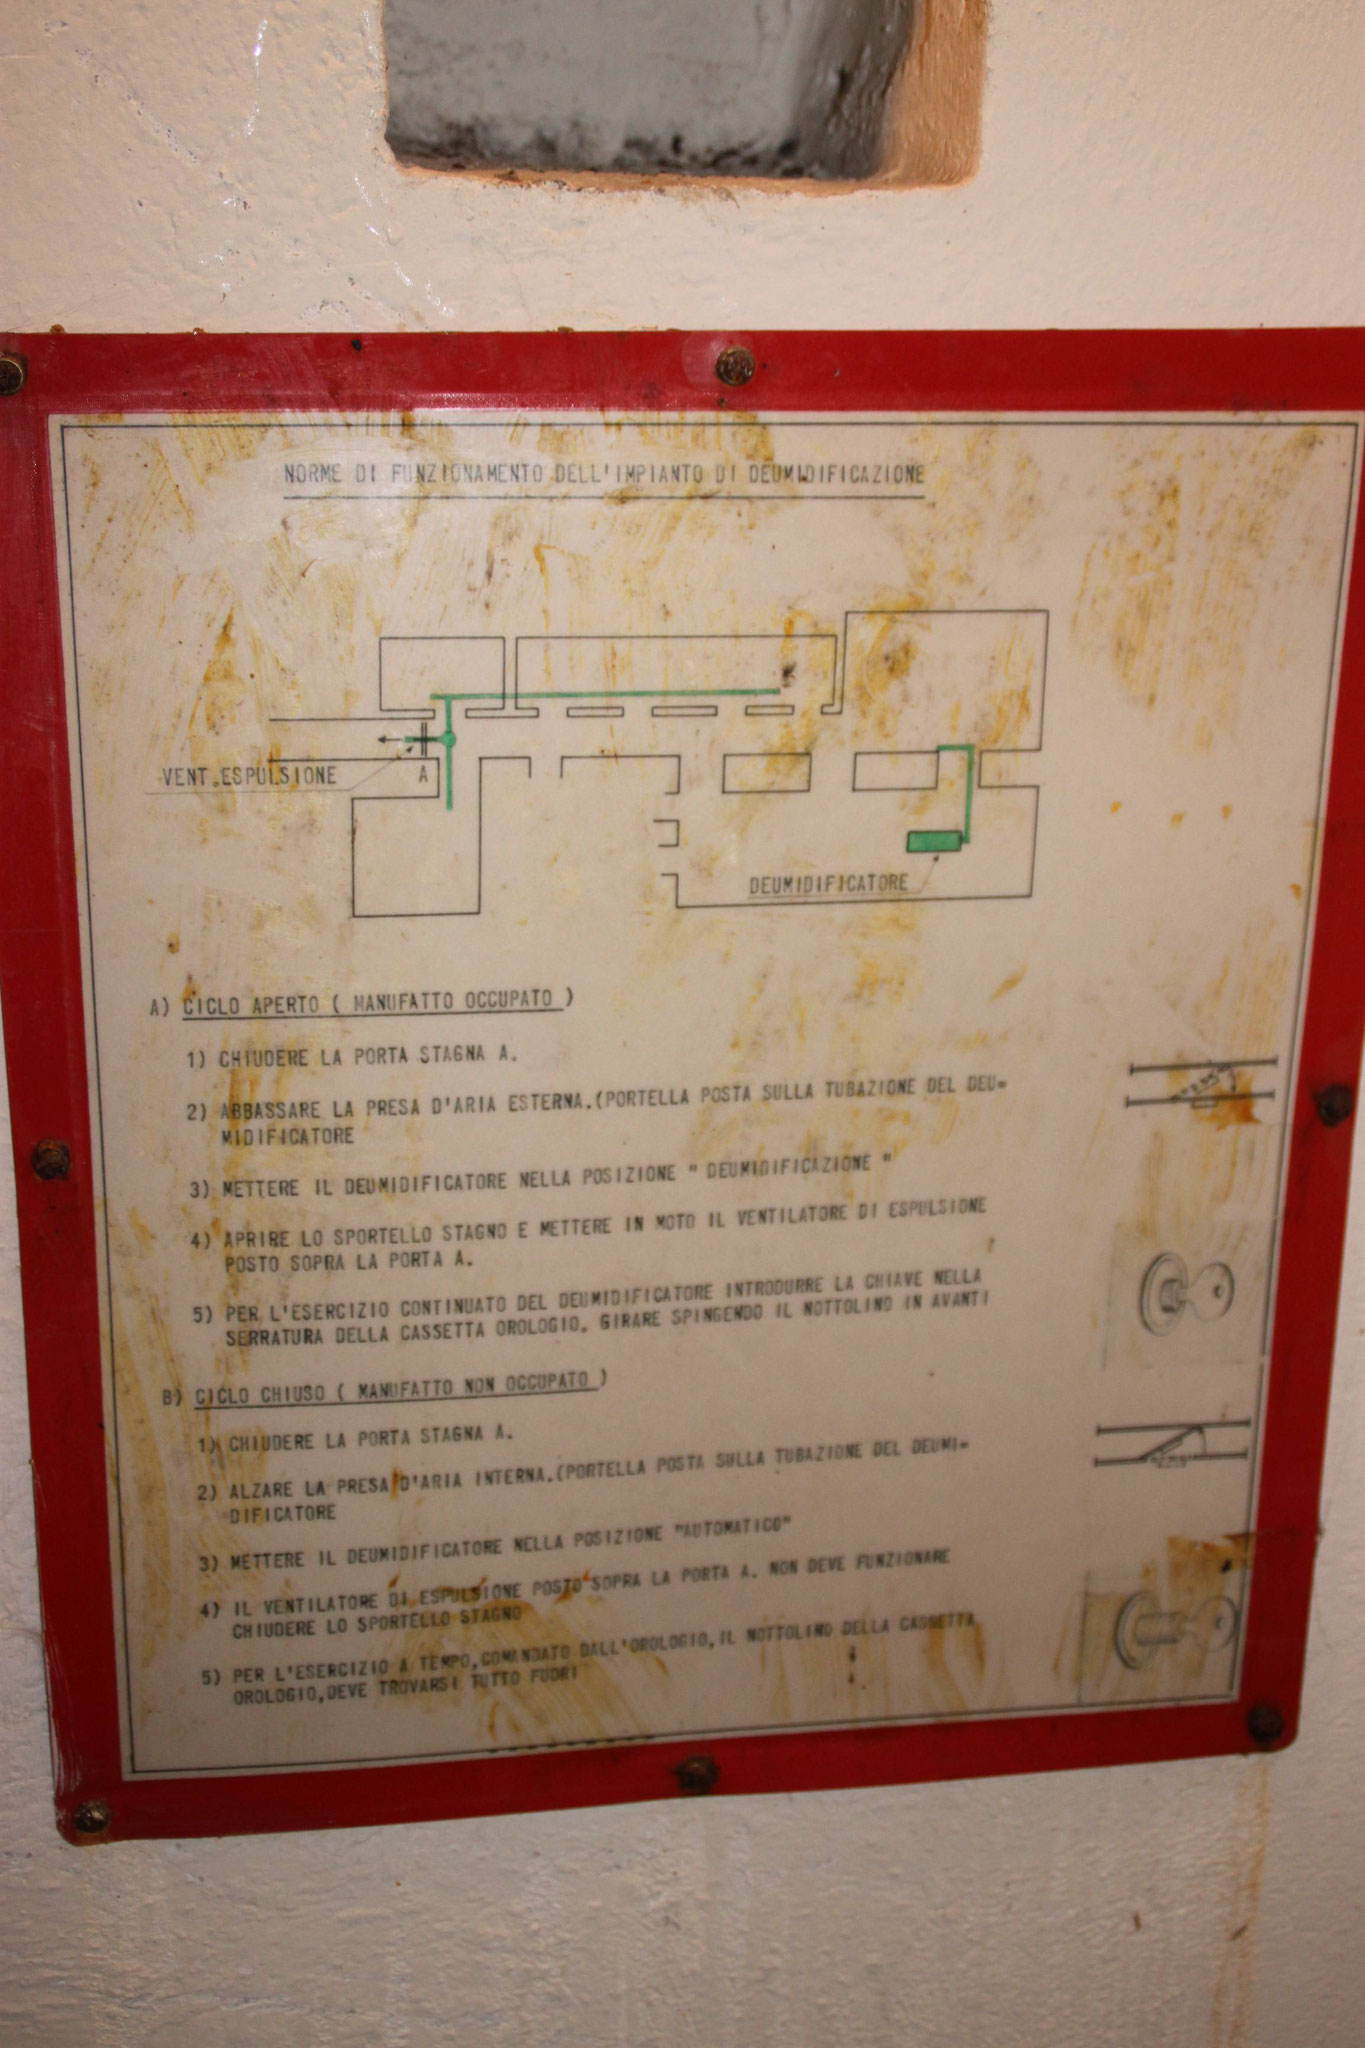 Istruzioni dell'impianto deumidificatore.